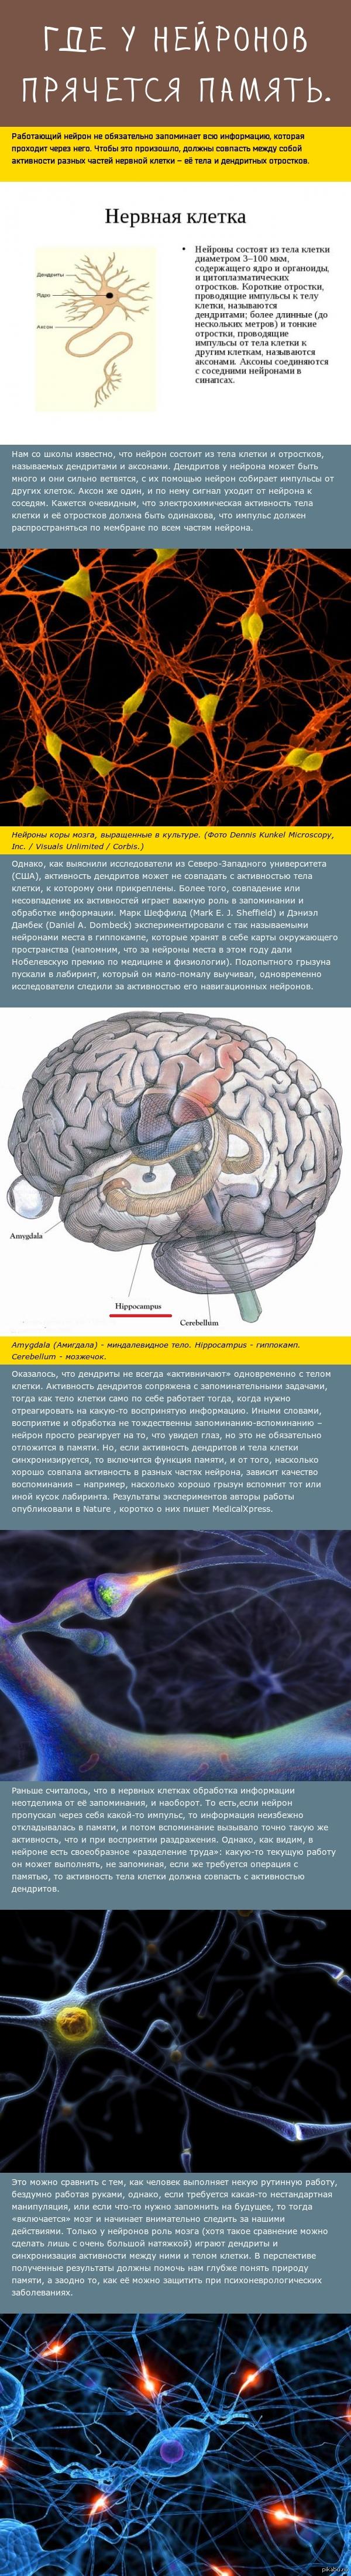 Немного о нейронах и запоминании.